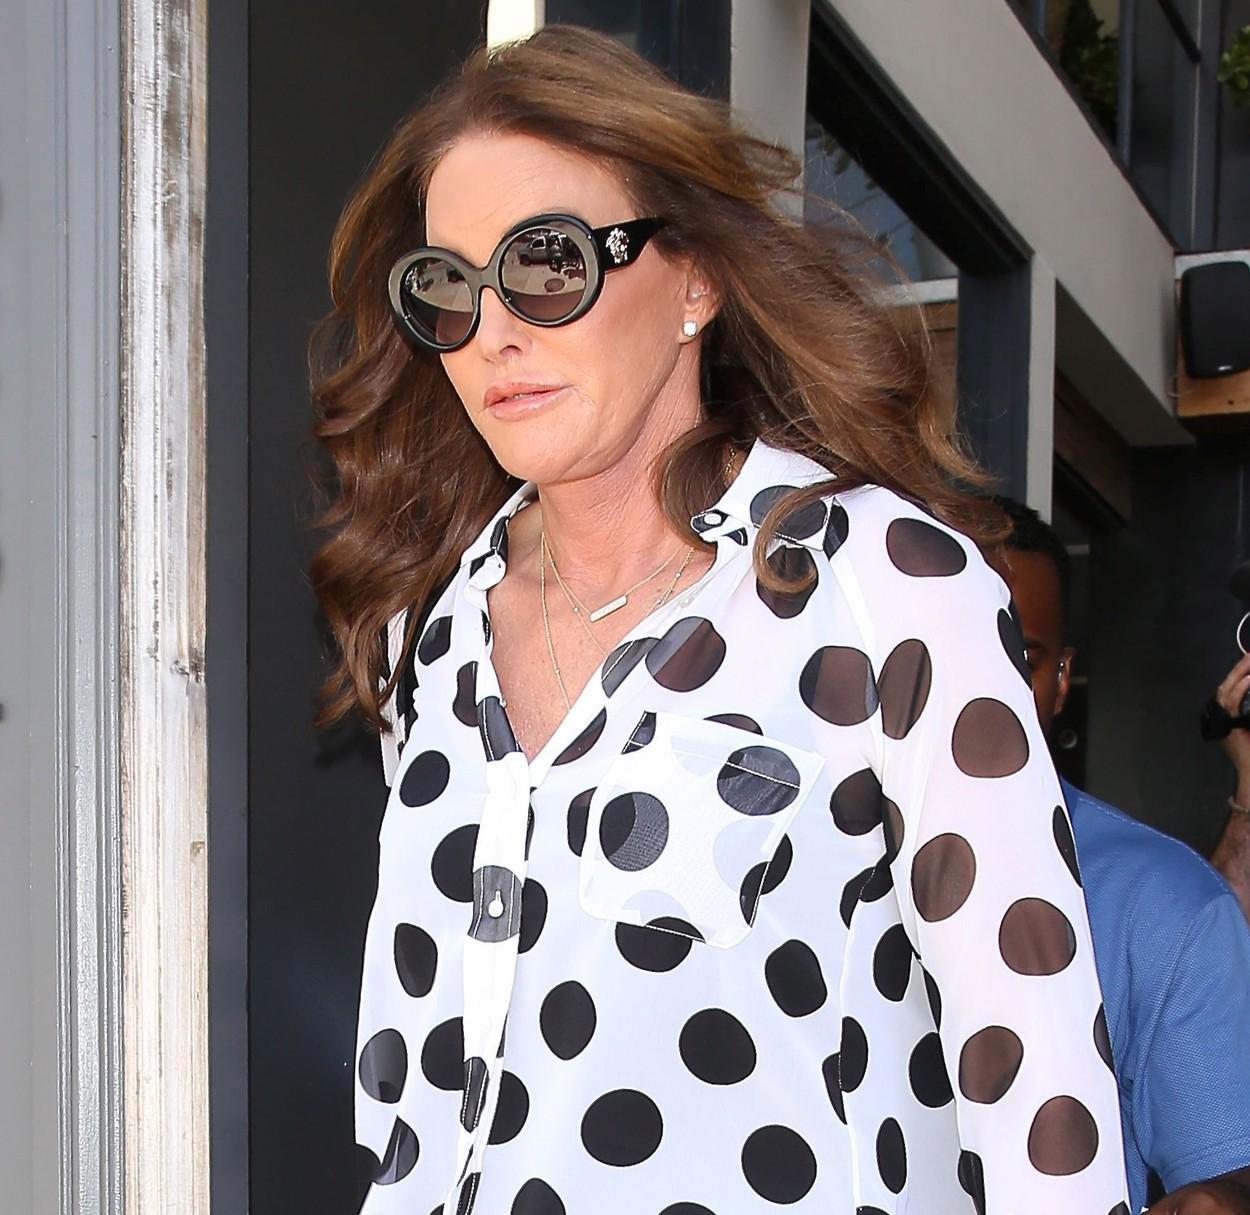 Caitlyn Jenner arată diferit acum. Cum i-a schimbat viața transformarea făcută în urmă cu 6 ani|EpicNews